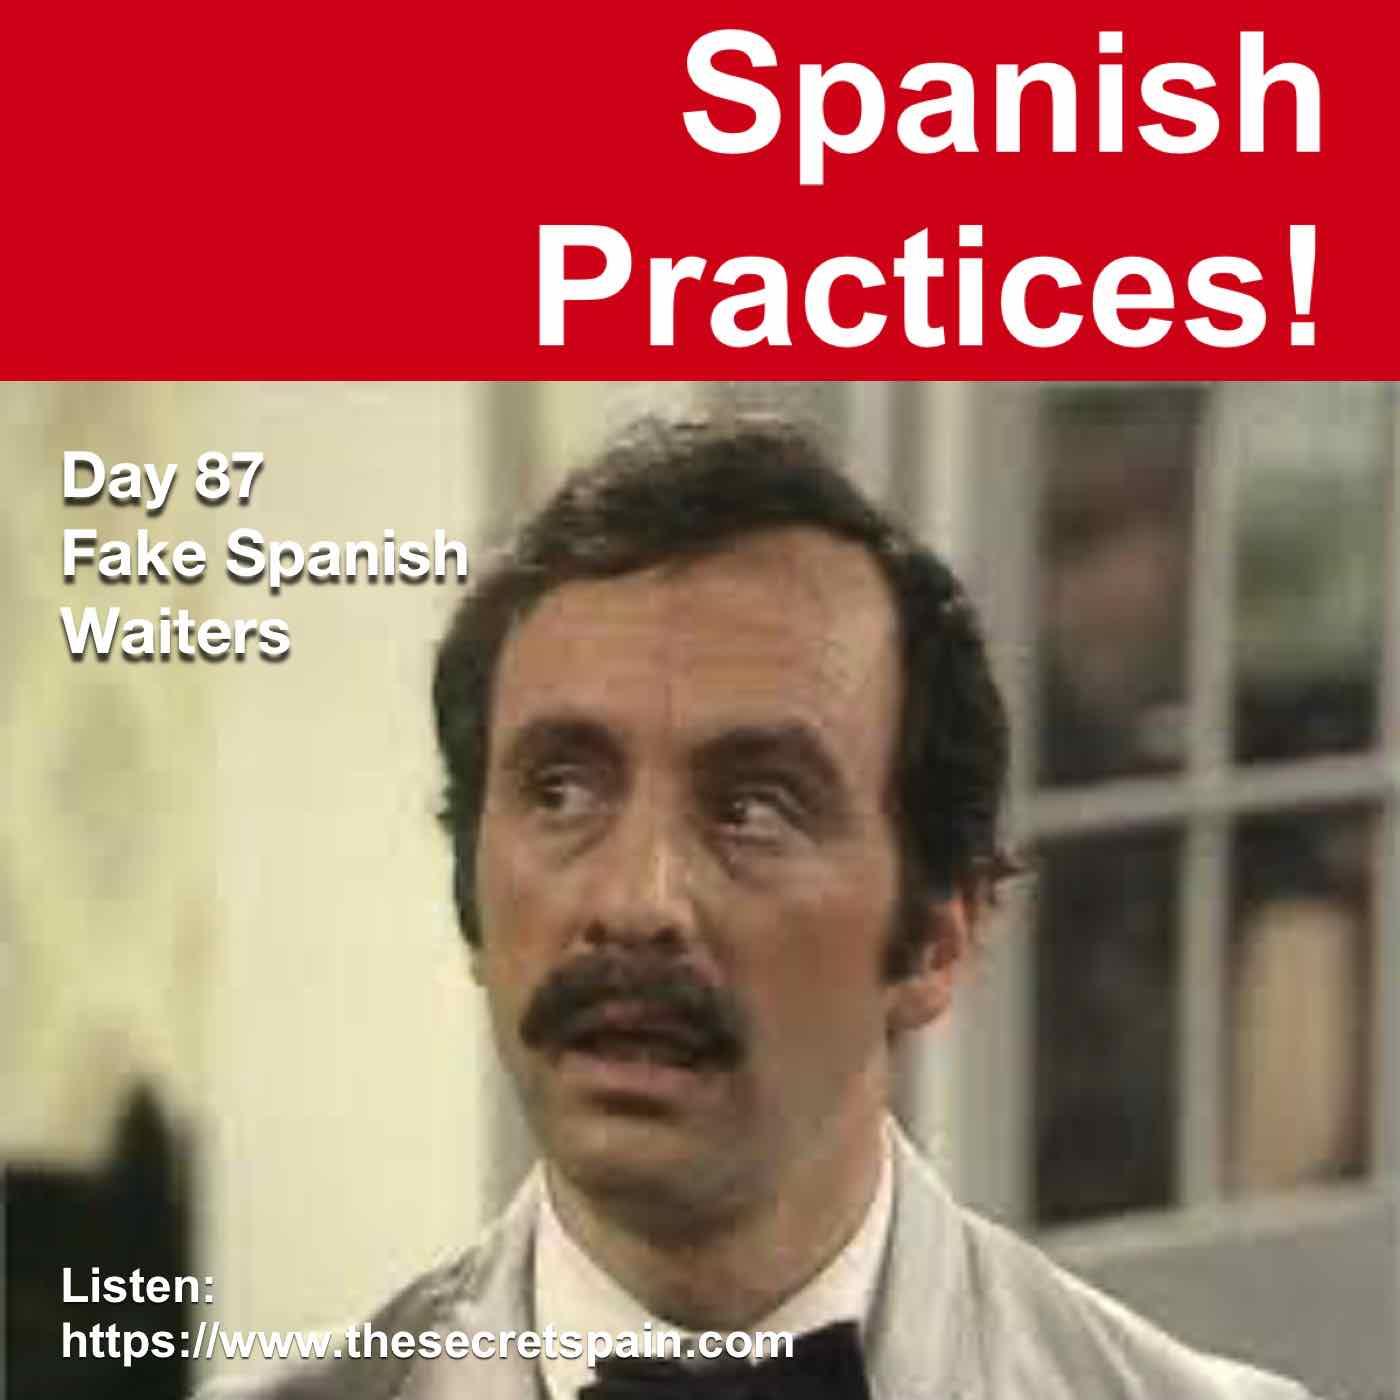 """Day 87 - """"Fake Spanish Waiters"""""""